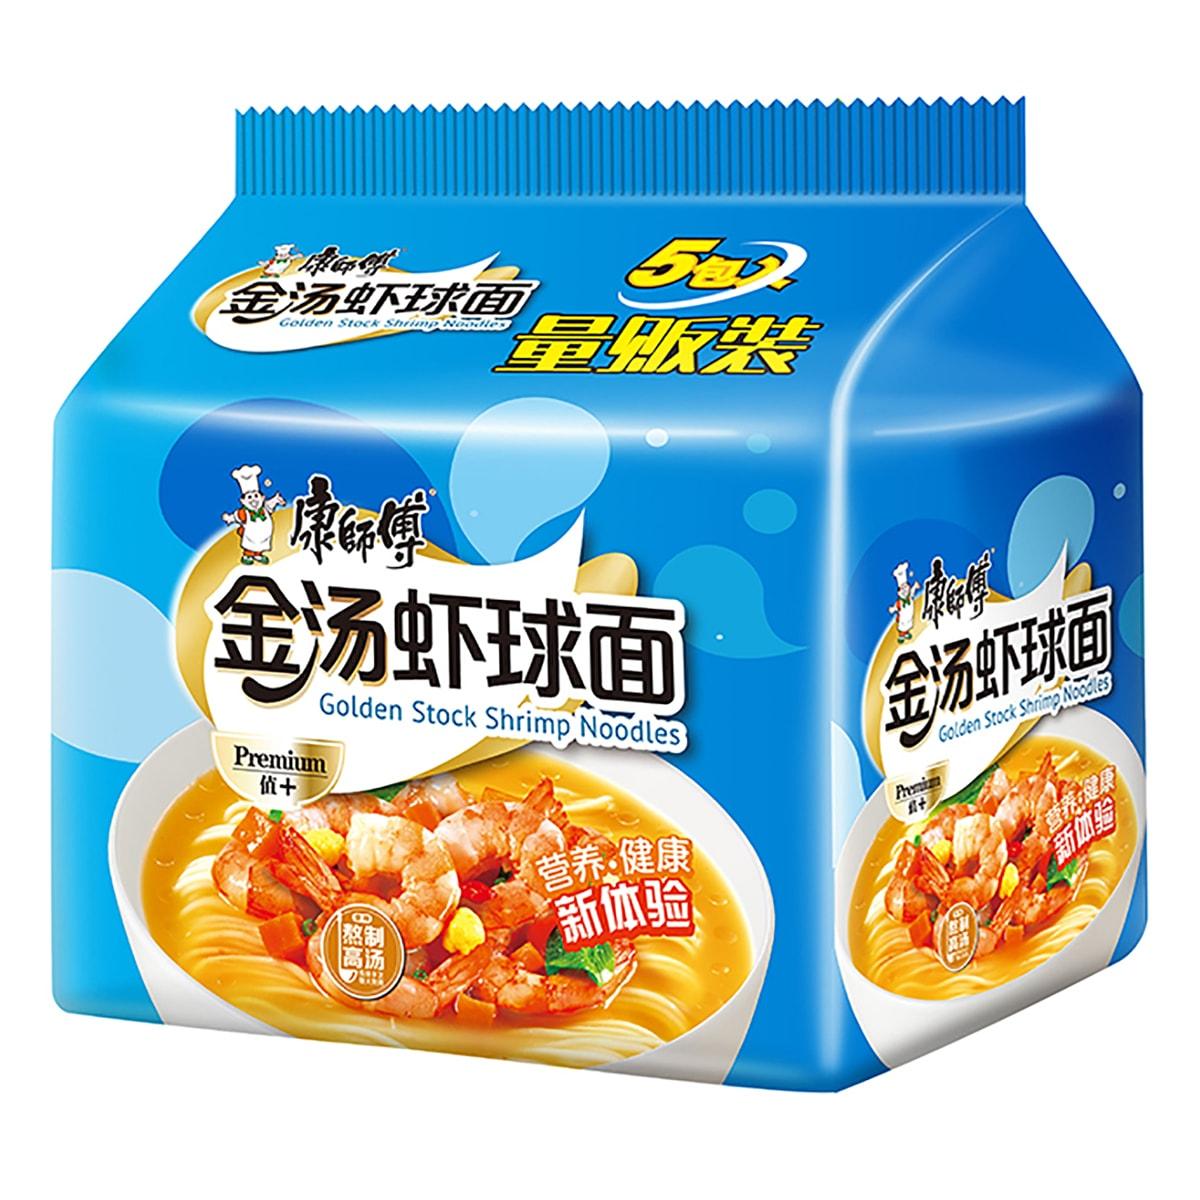 康师傅 金汤虾球面 量贩装 5包入 520g